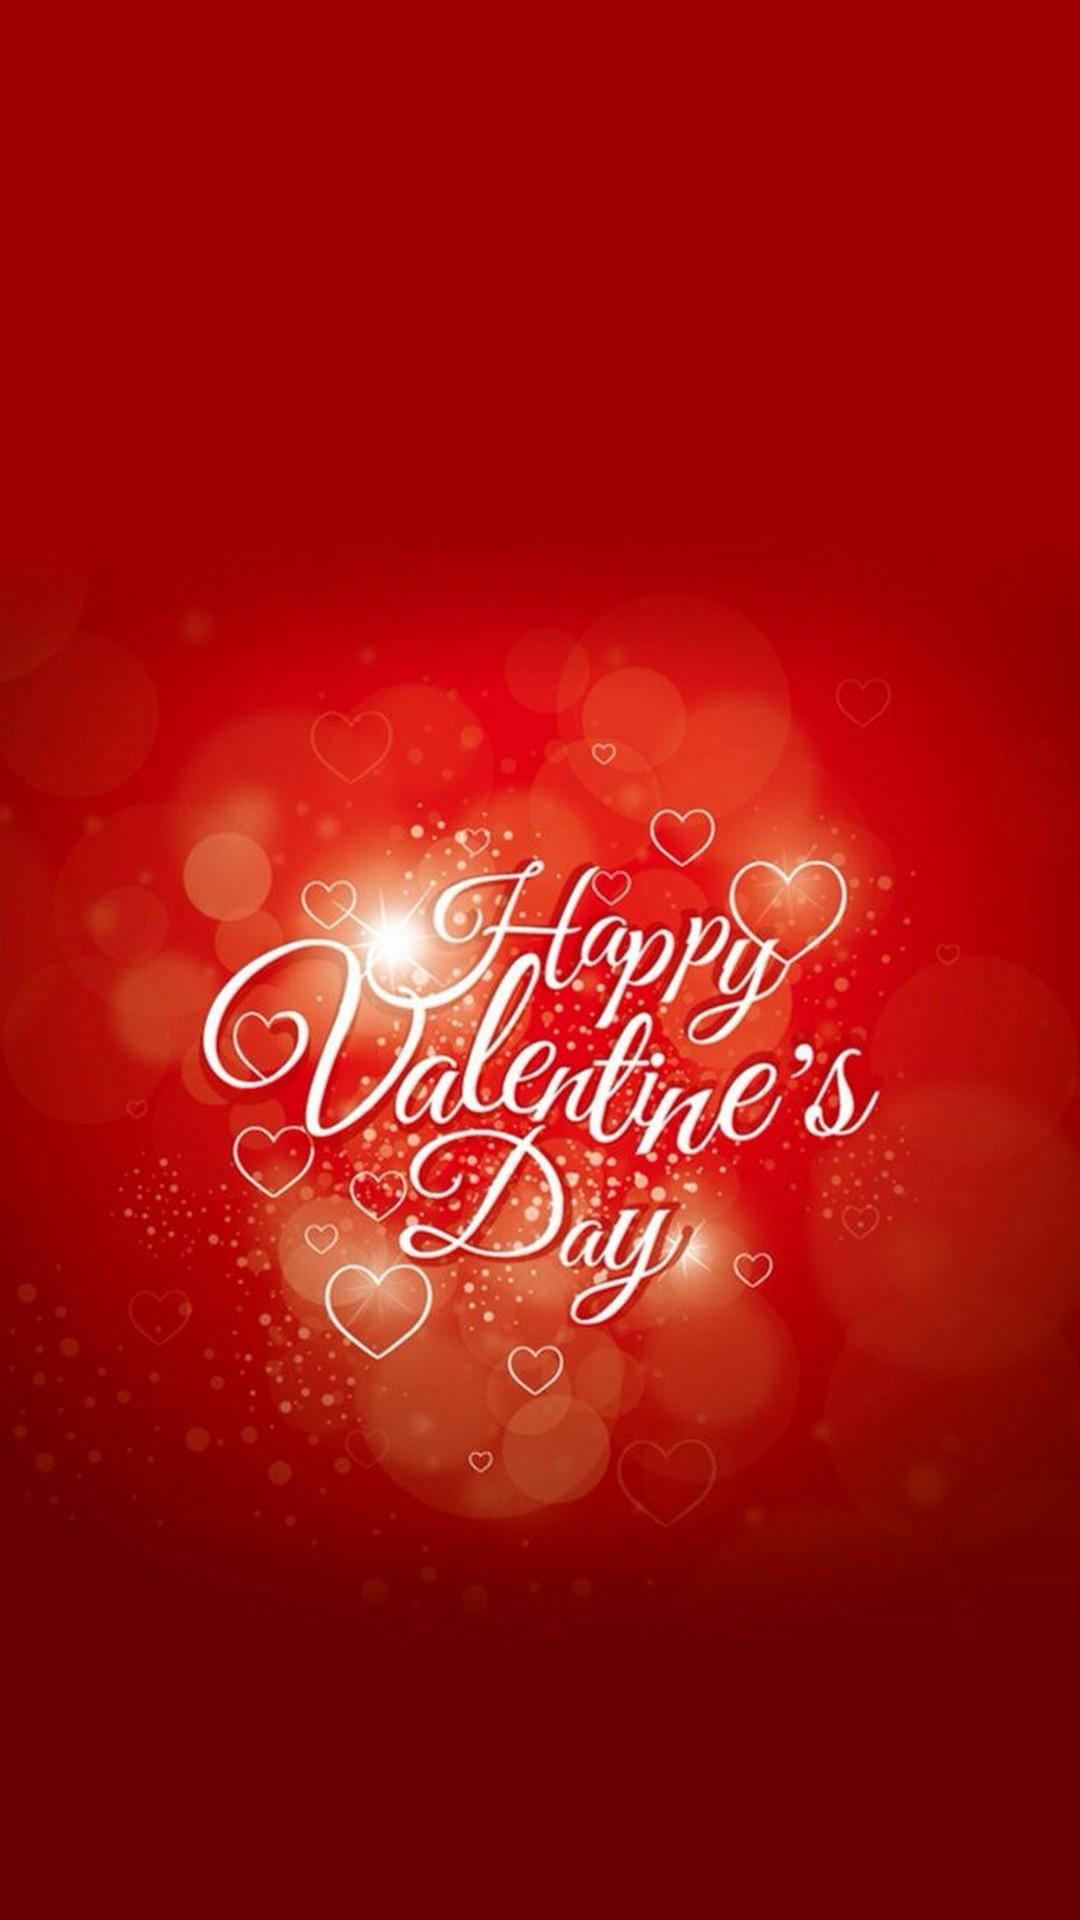 Dark Red Happy Valentines Day Text